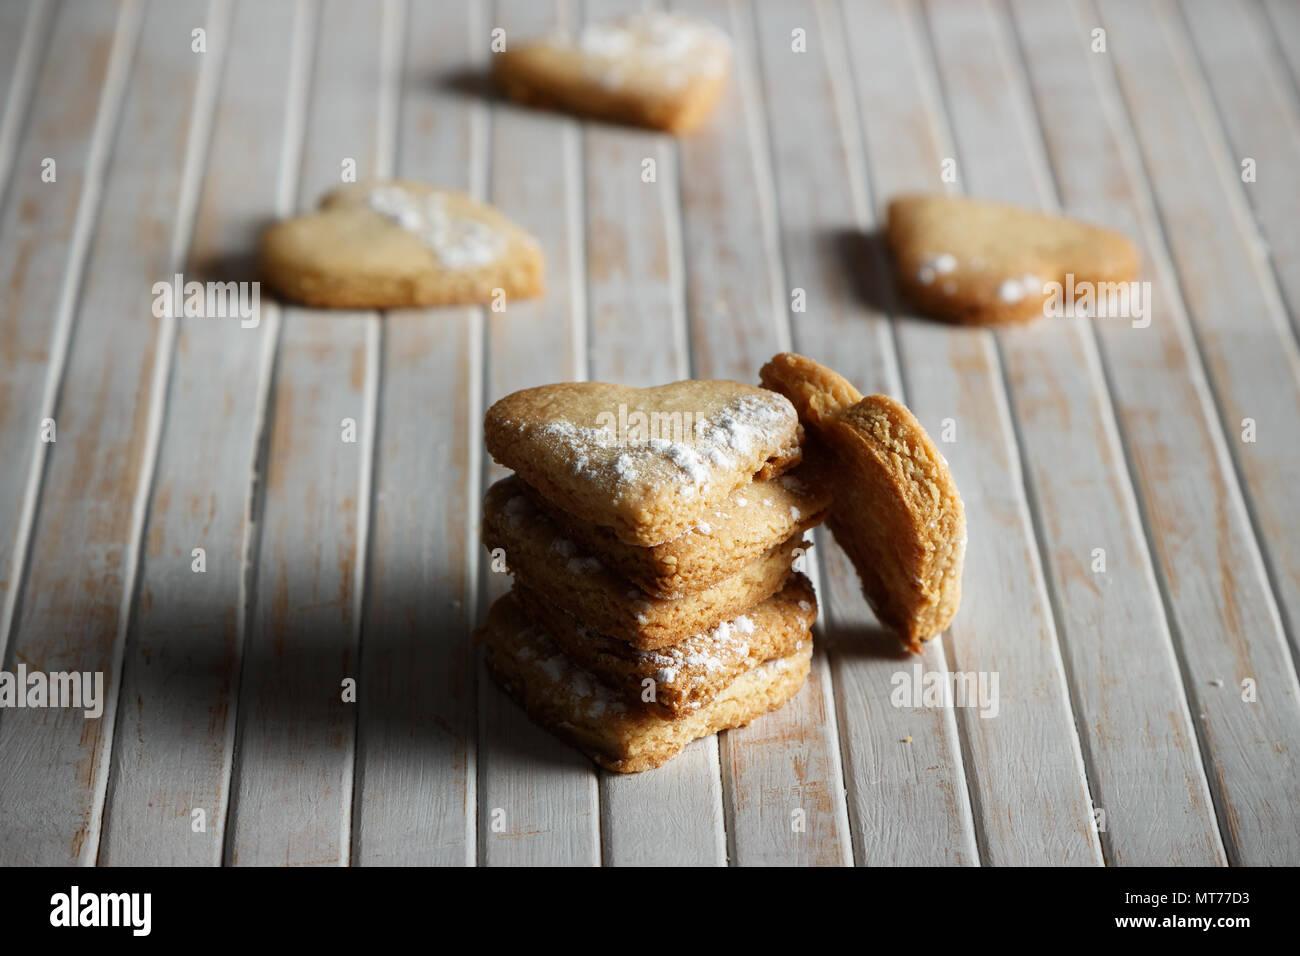 Deliziosa fatta in casa a forma di cuore i cookie spolverati con zucchero a velo in una tavola di legno. L'immagine orizzontale. Dark moody stile. Immagini Stock